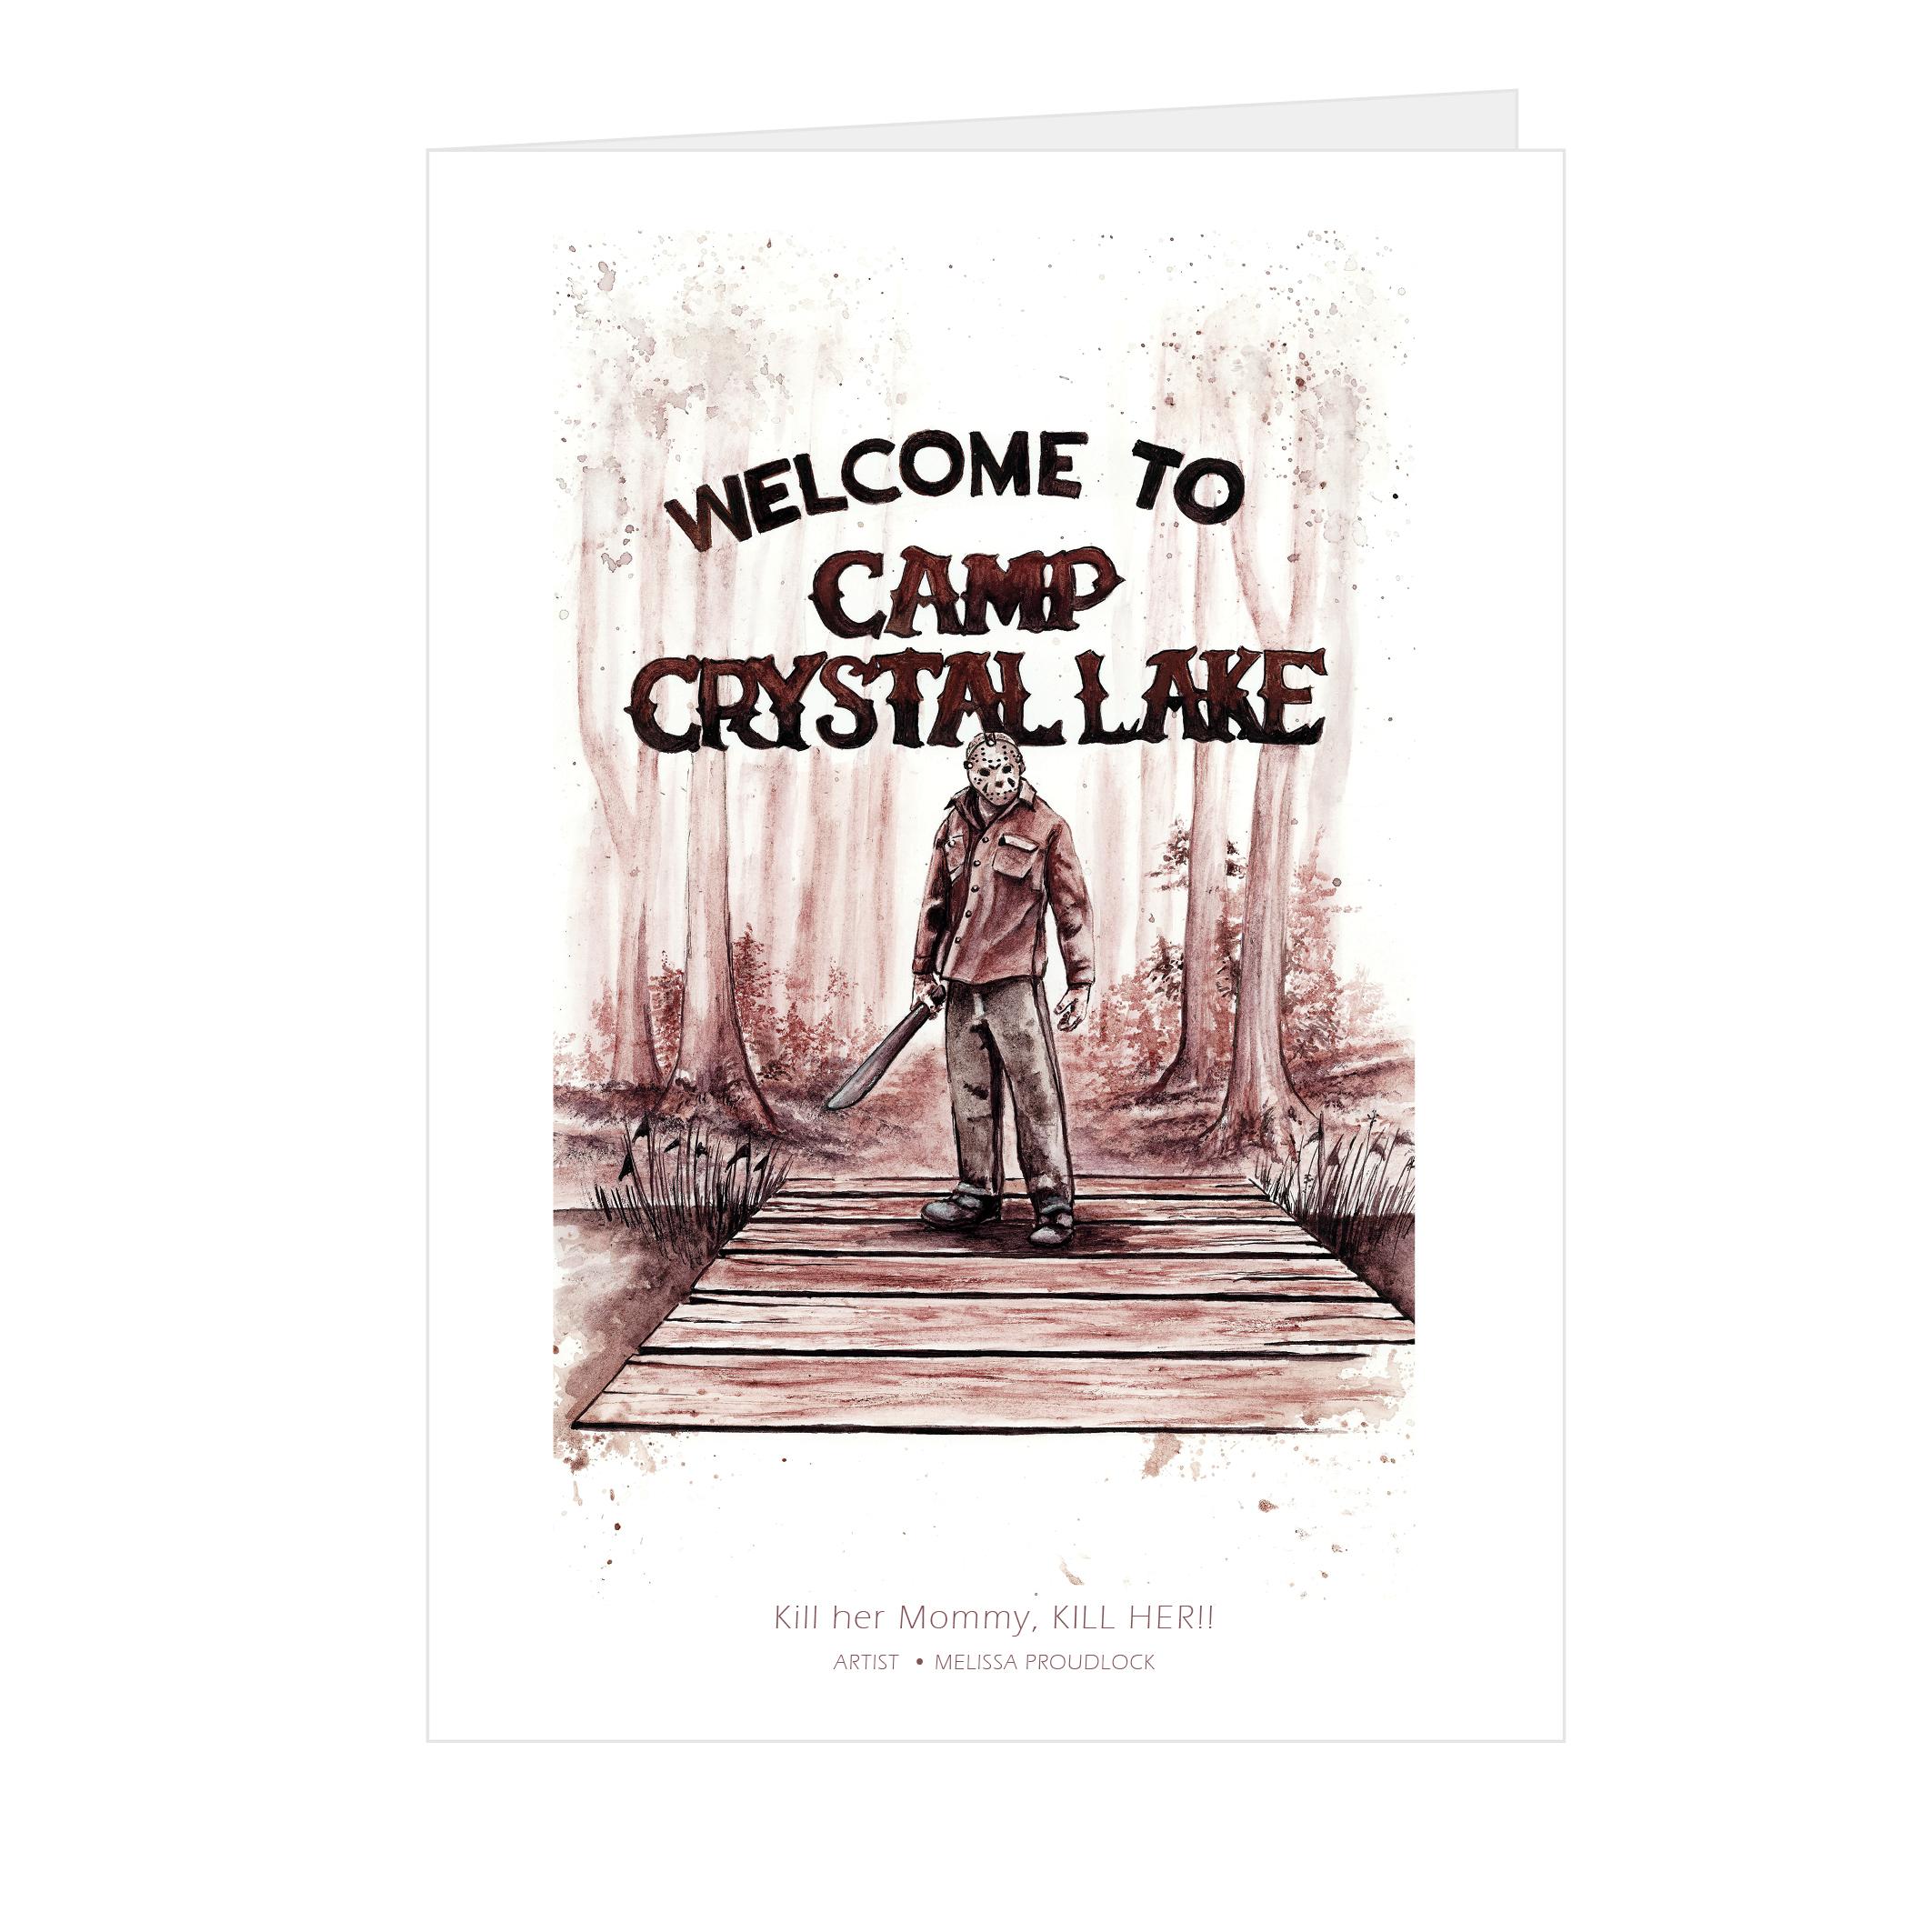 Jason-Camp Crystal Lake